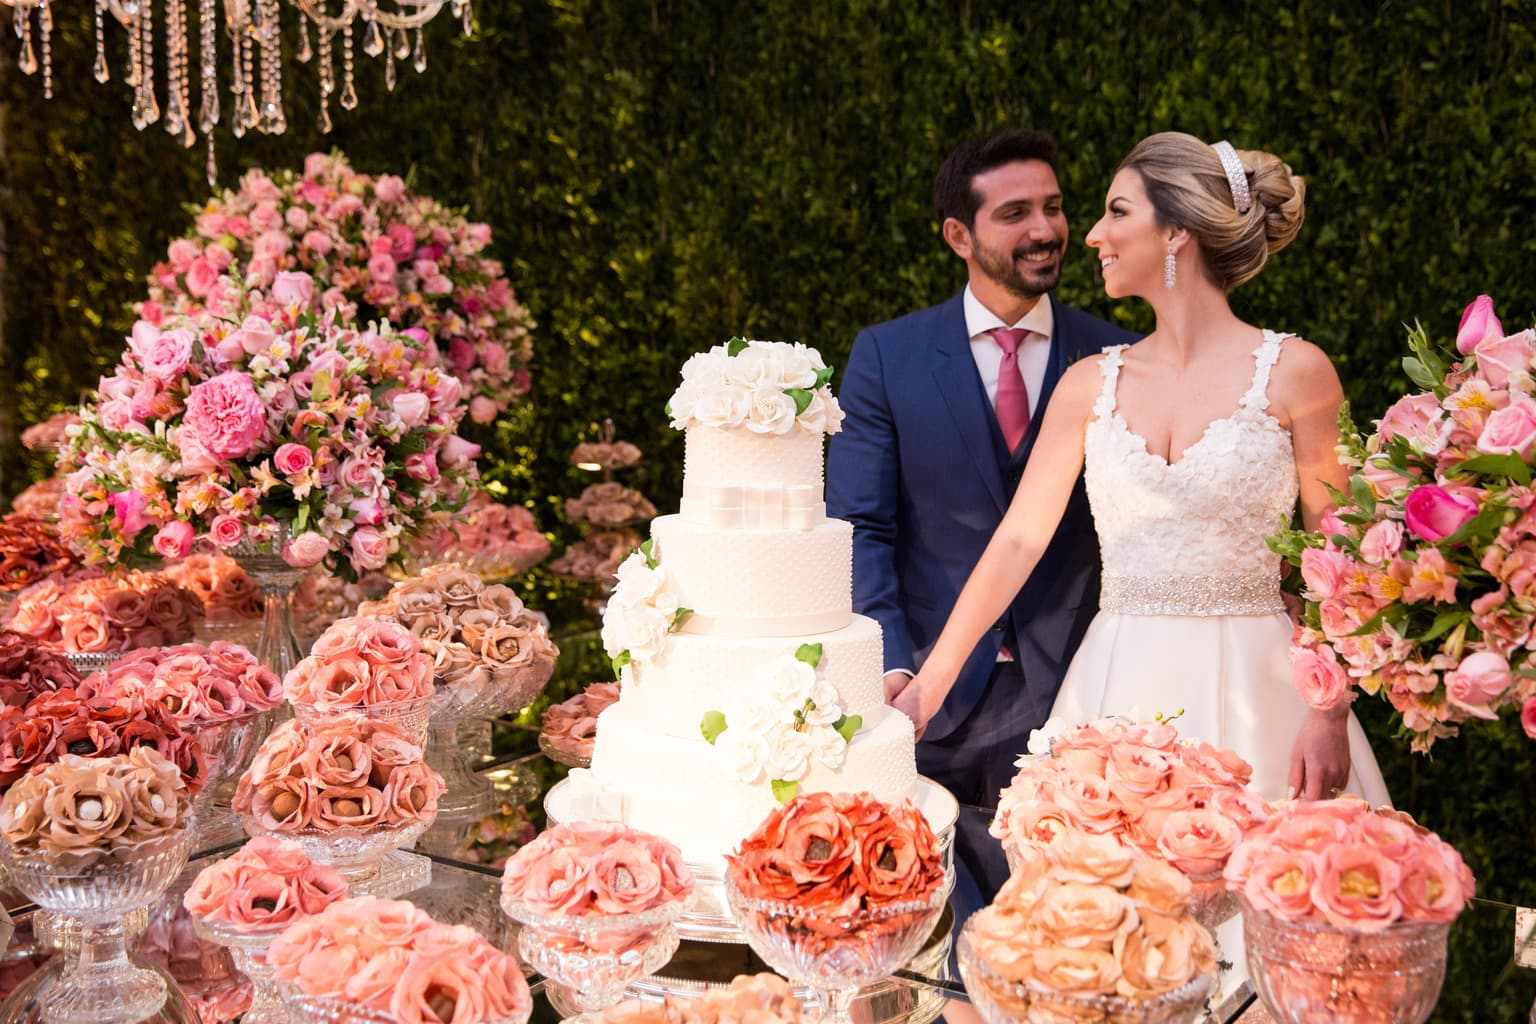 casamento-clássico-casamento-tradicional-rio-de-janeiro-niterói-Fotografia-Giovani-Garcia-casamento-Cássia-e-Daniel-21-1